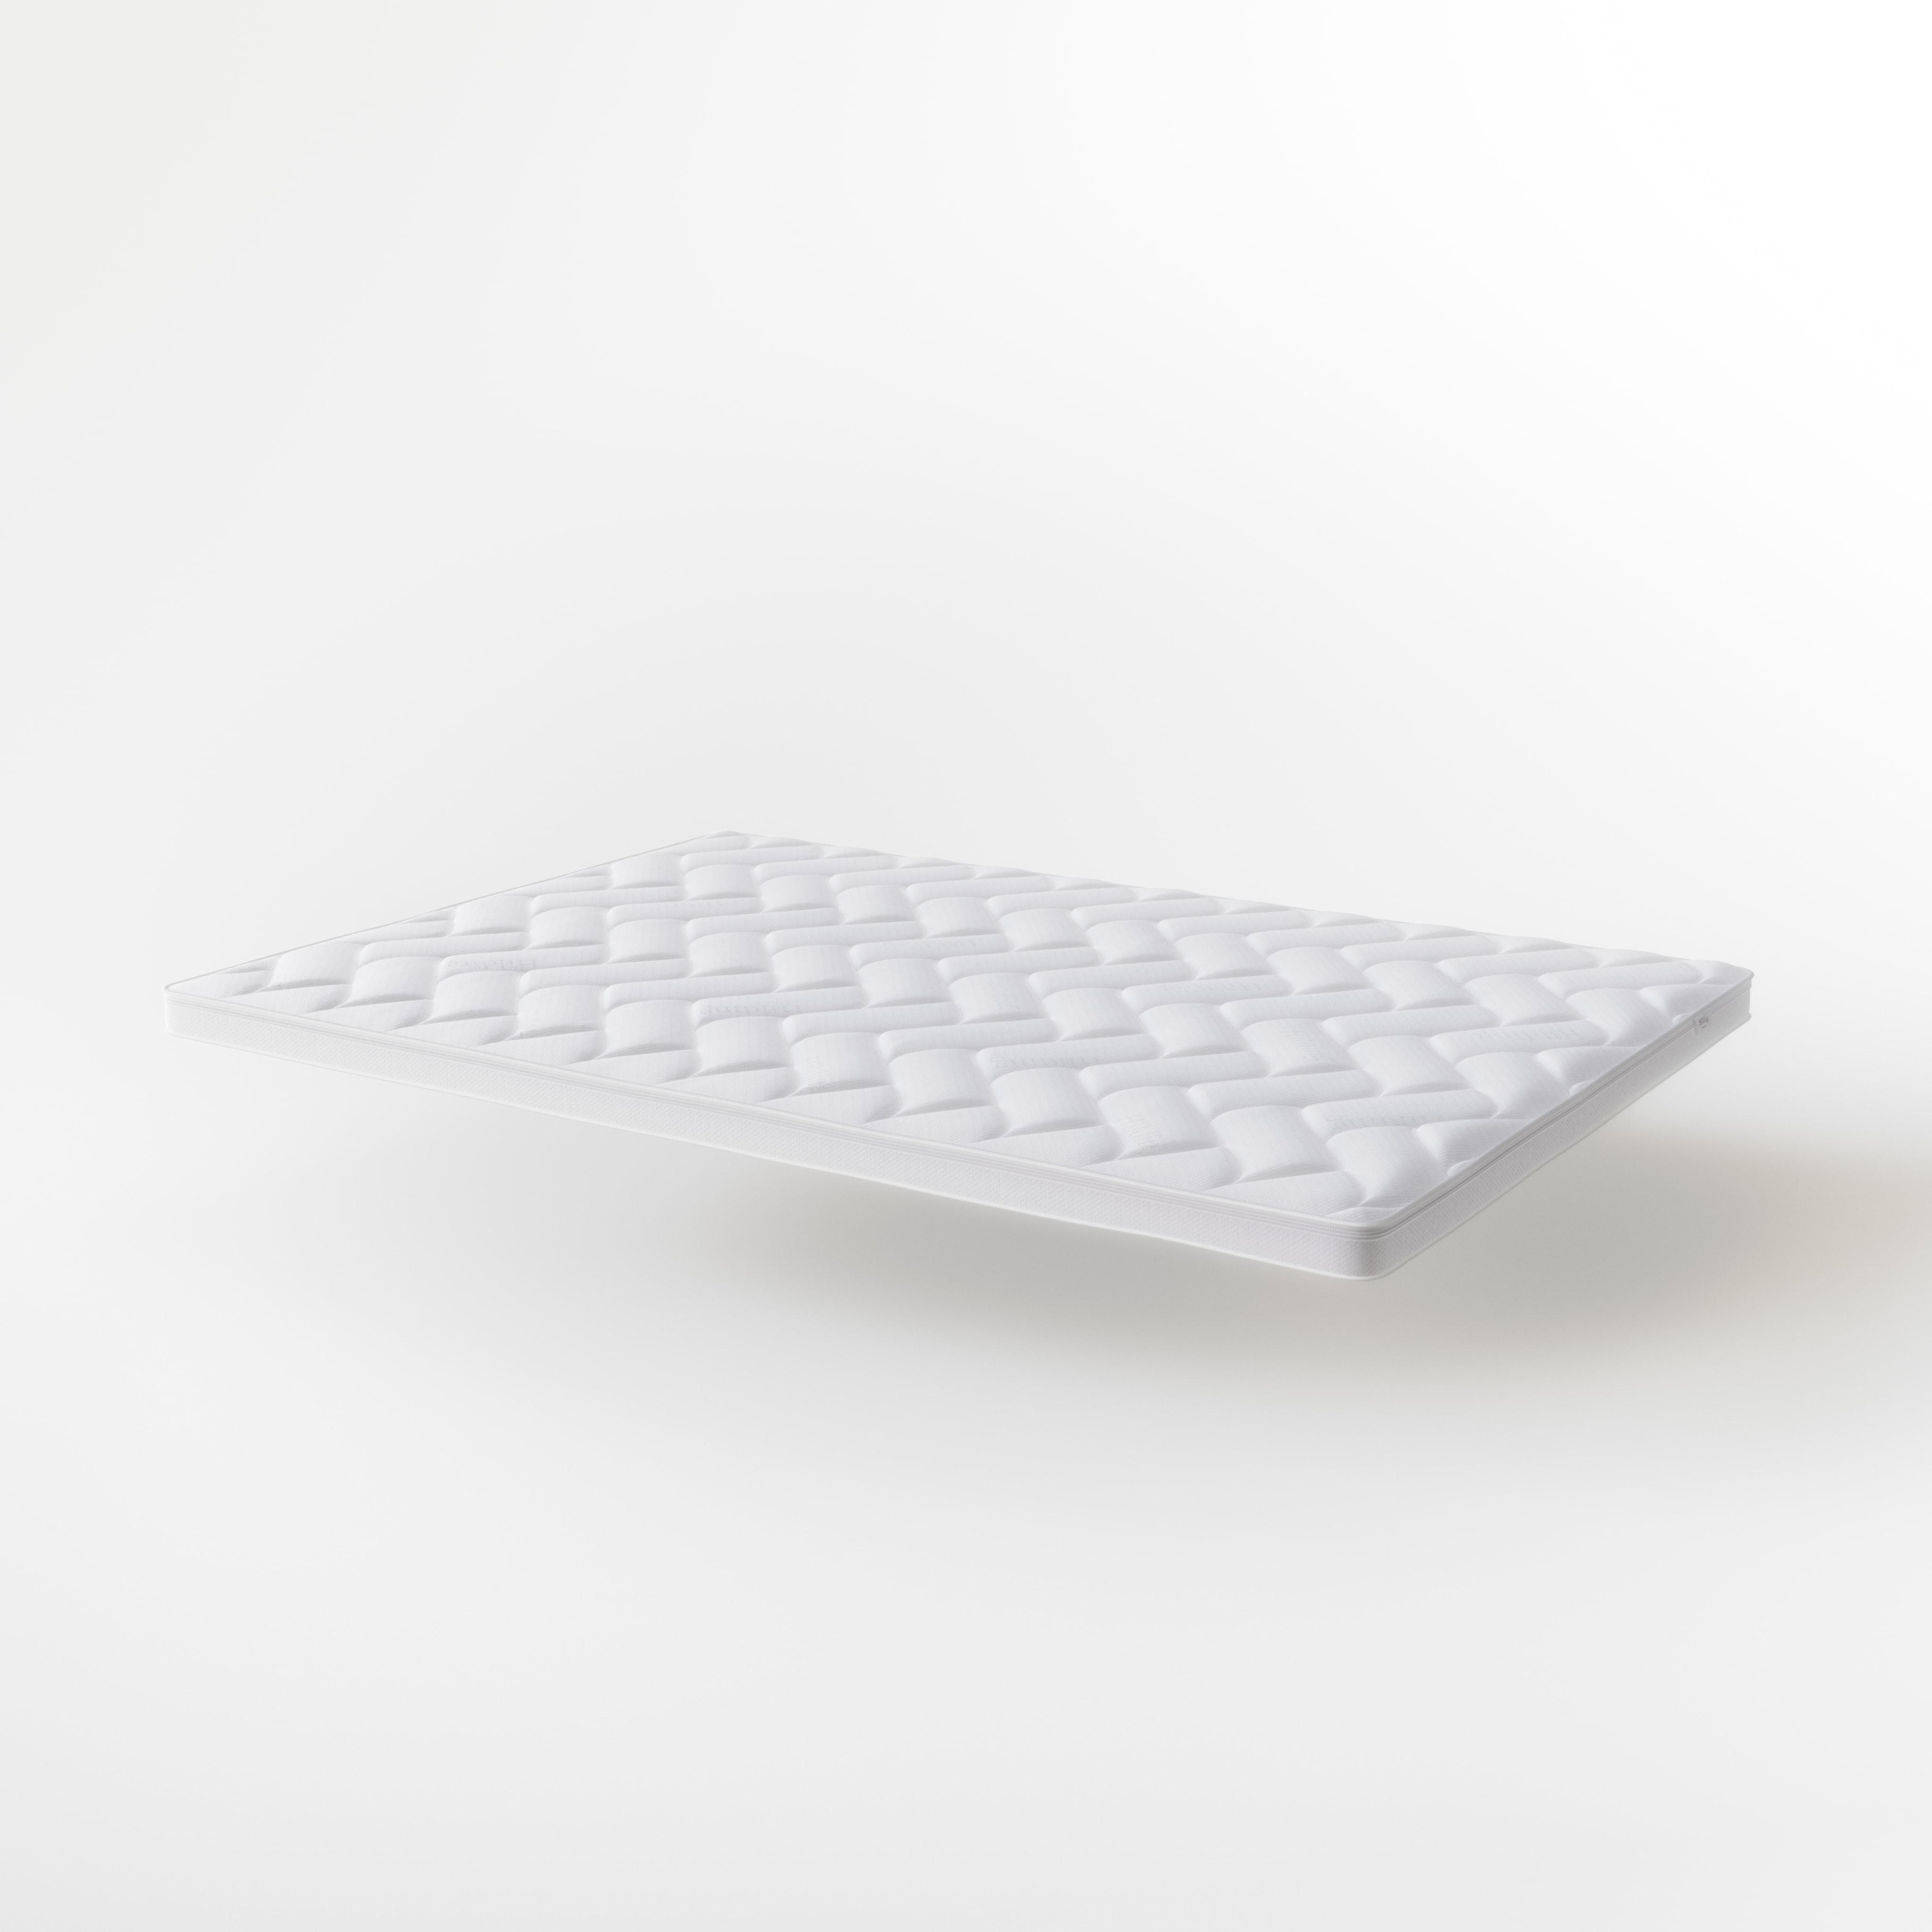 hilding sweden visco gelschaum topper 200x200 matratzenauflage h2 h3 kotex ebay. Black Bedroom Furniture Sets. Home Design Ideas